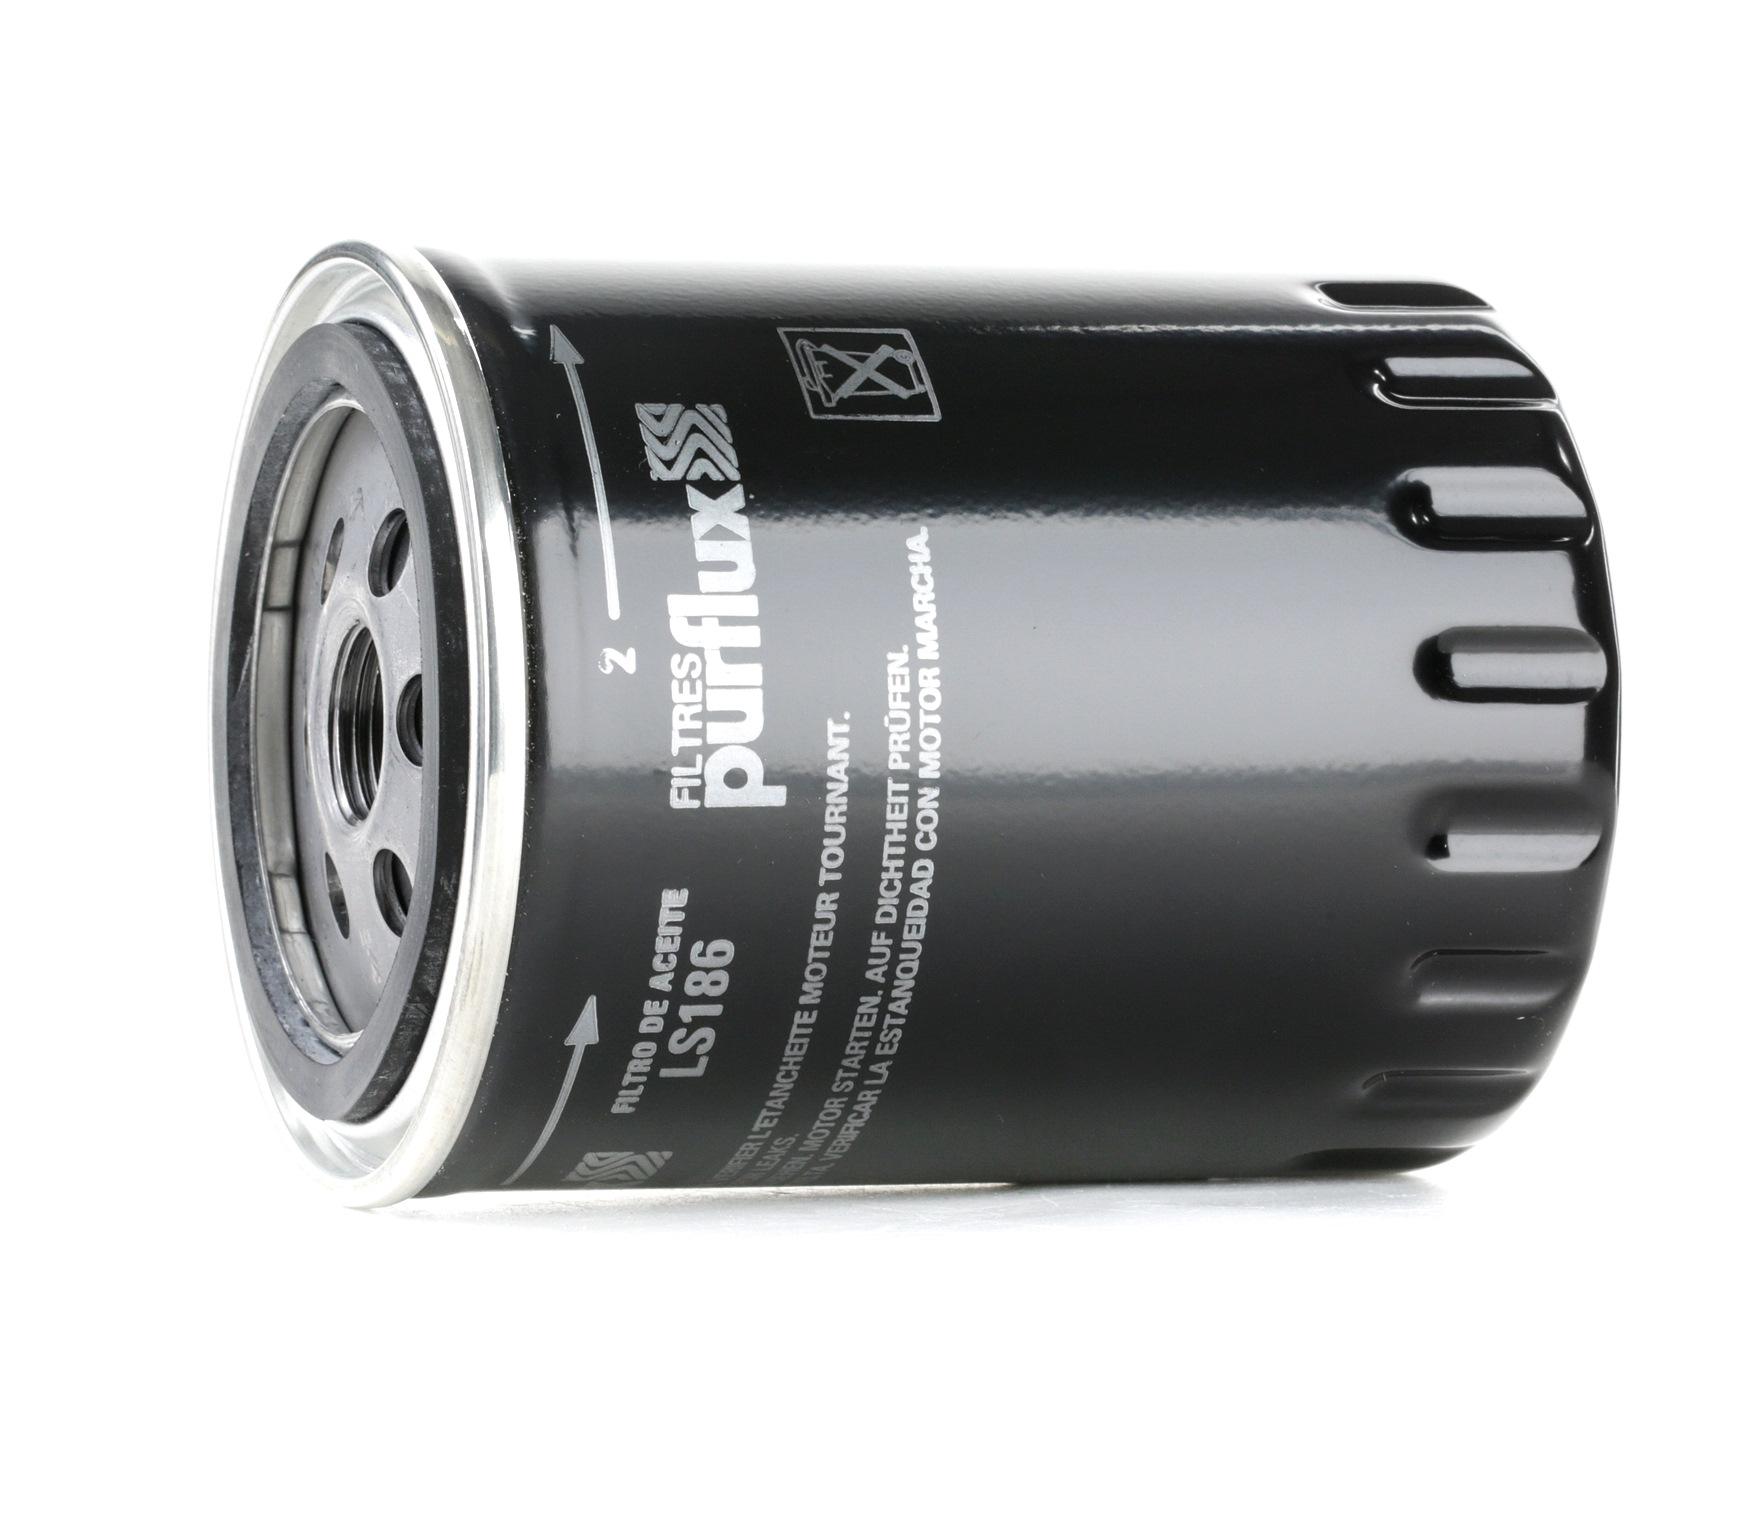 Pieces d'origine: Filtre à huile PURFLUX LS186 (Ø: 86mm, Hauteur: 119mm) - Achetez tout de suite!